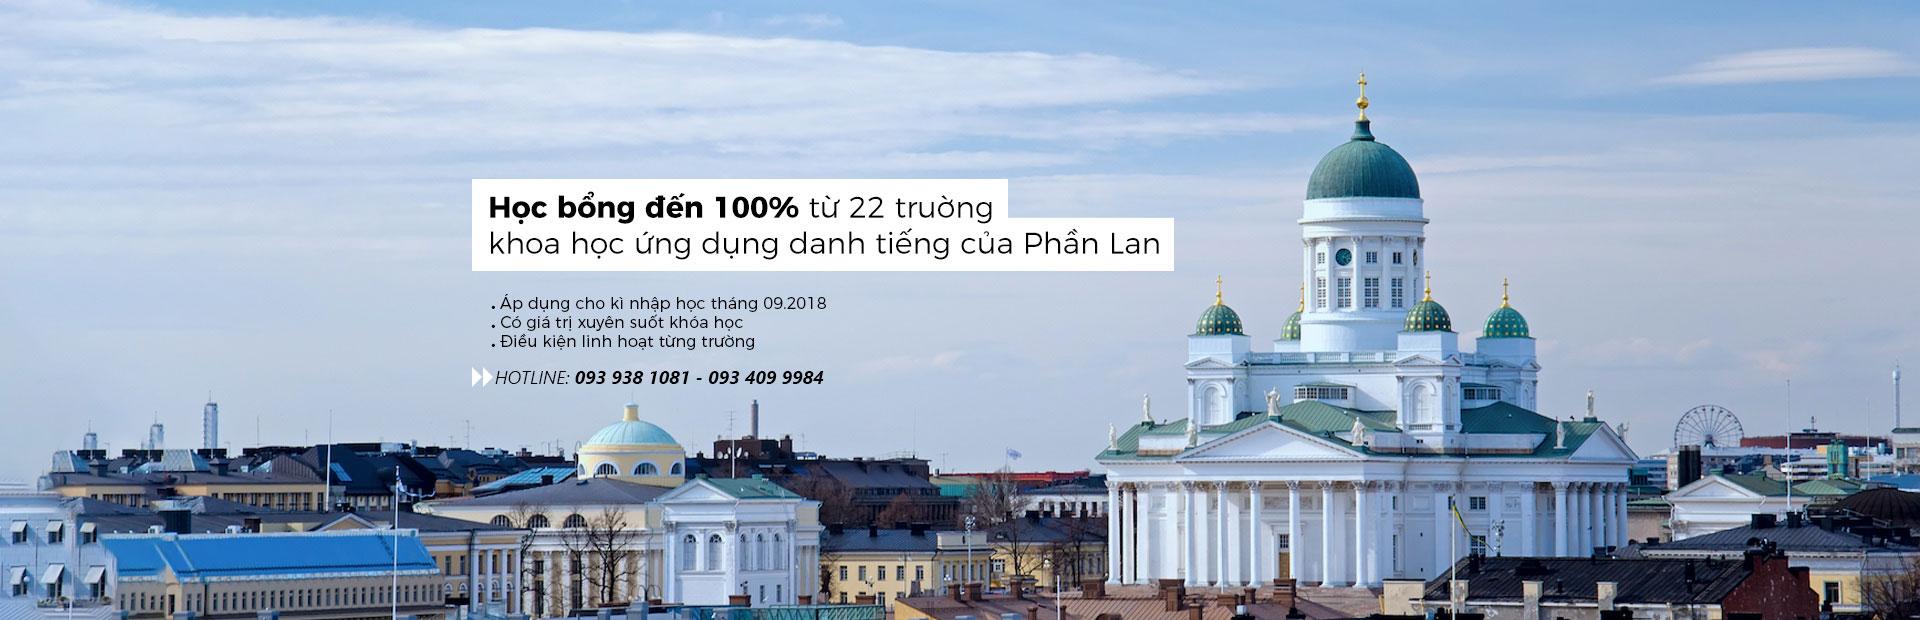 Phan Lan - Hoc bong